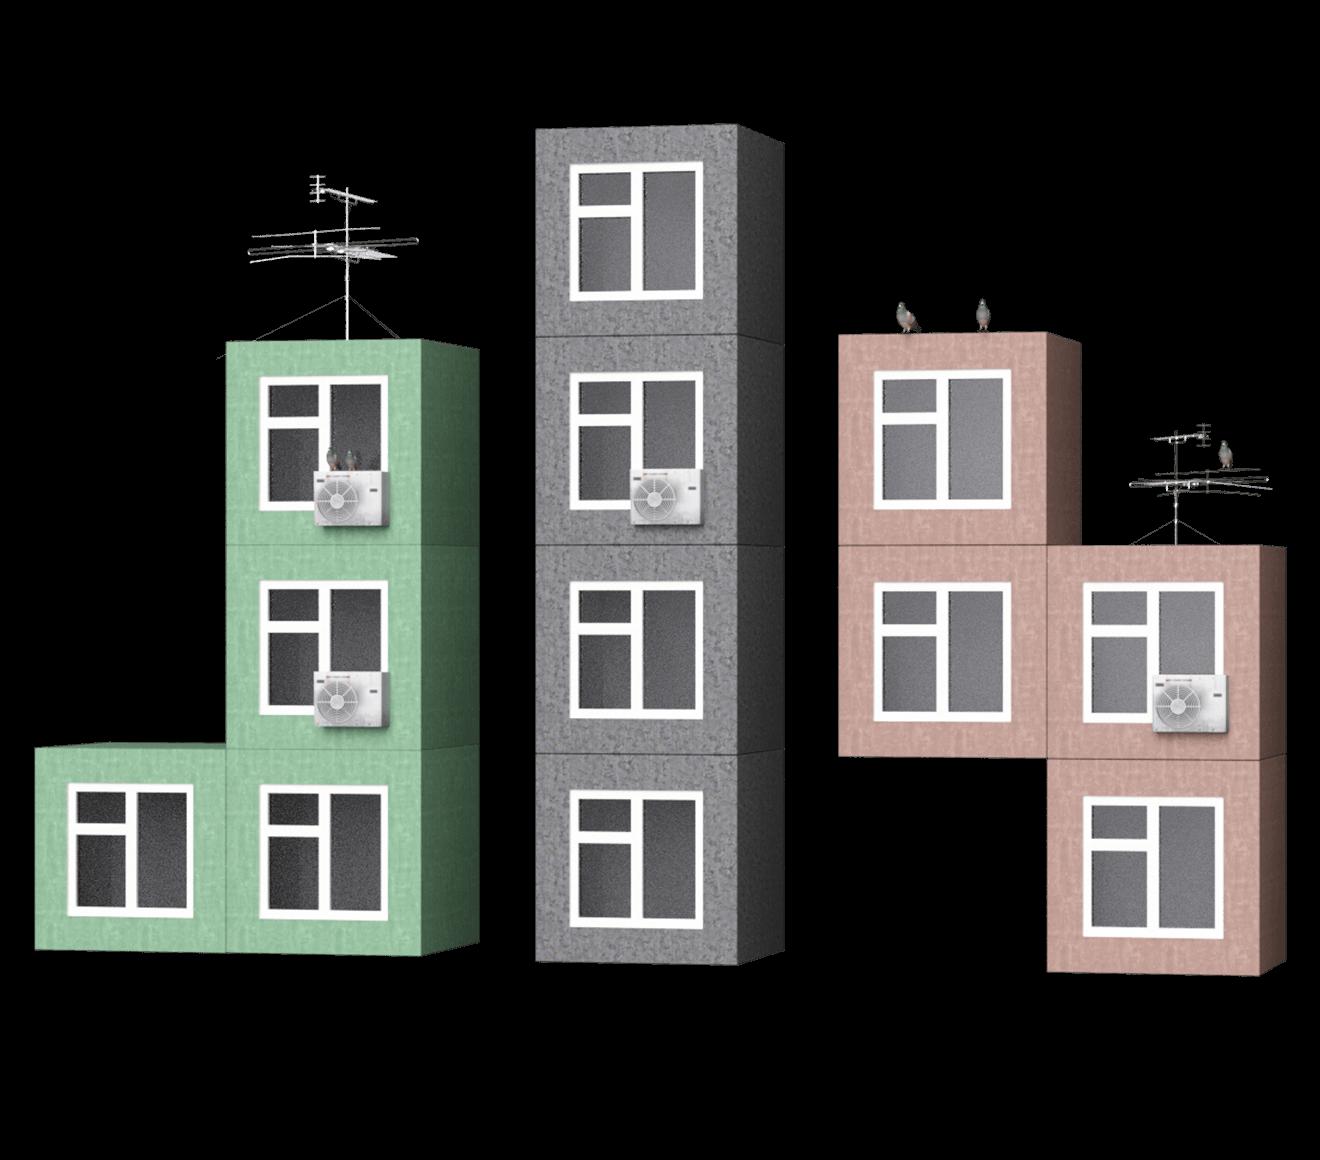 организация жилищных кооперативов